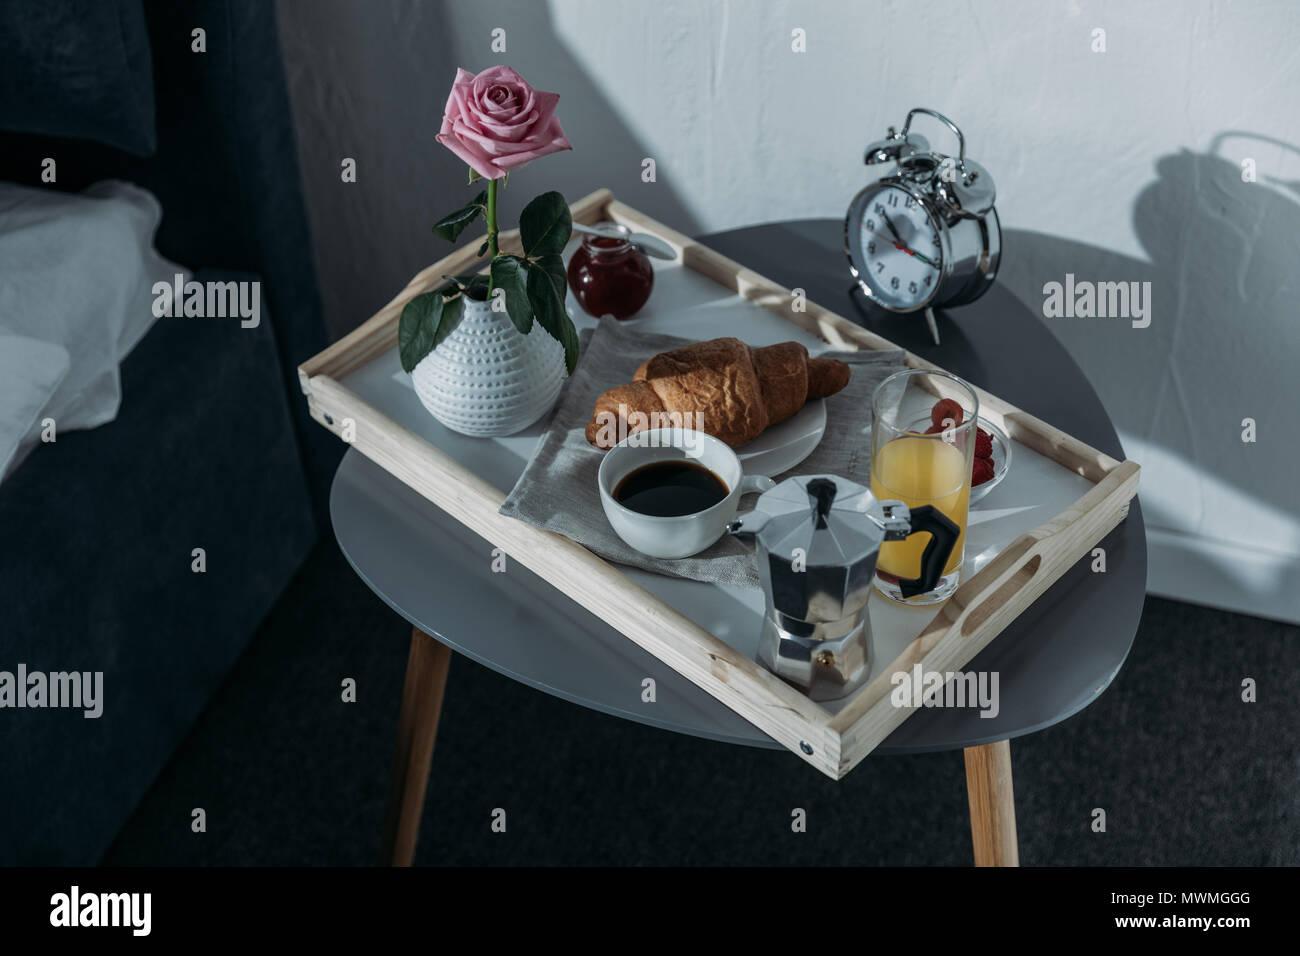 Tavoli Per Colazione A Letto : Il vassoio con la colazione sul tavolo vicino al letto in camera da